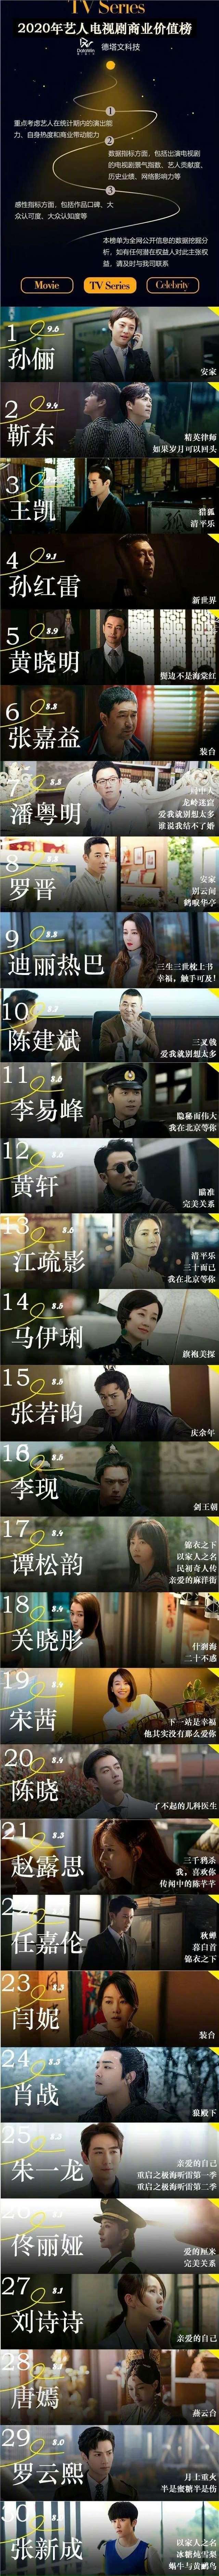 电视剧演员商业价值:李现第十六,肖战第二十四,朱一龙第二十五_明星新闻